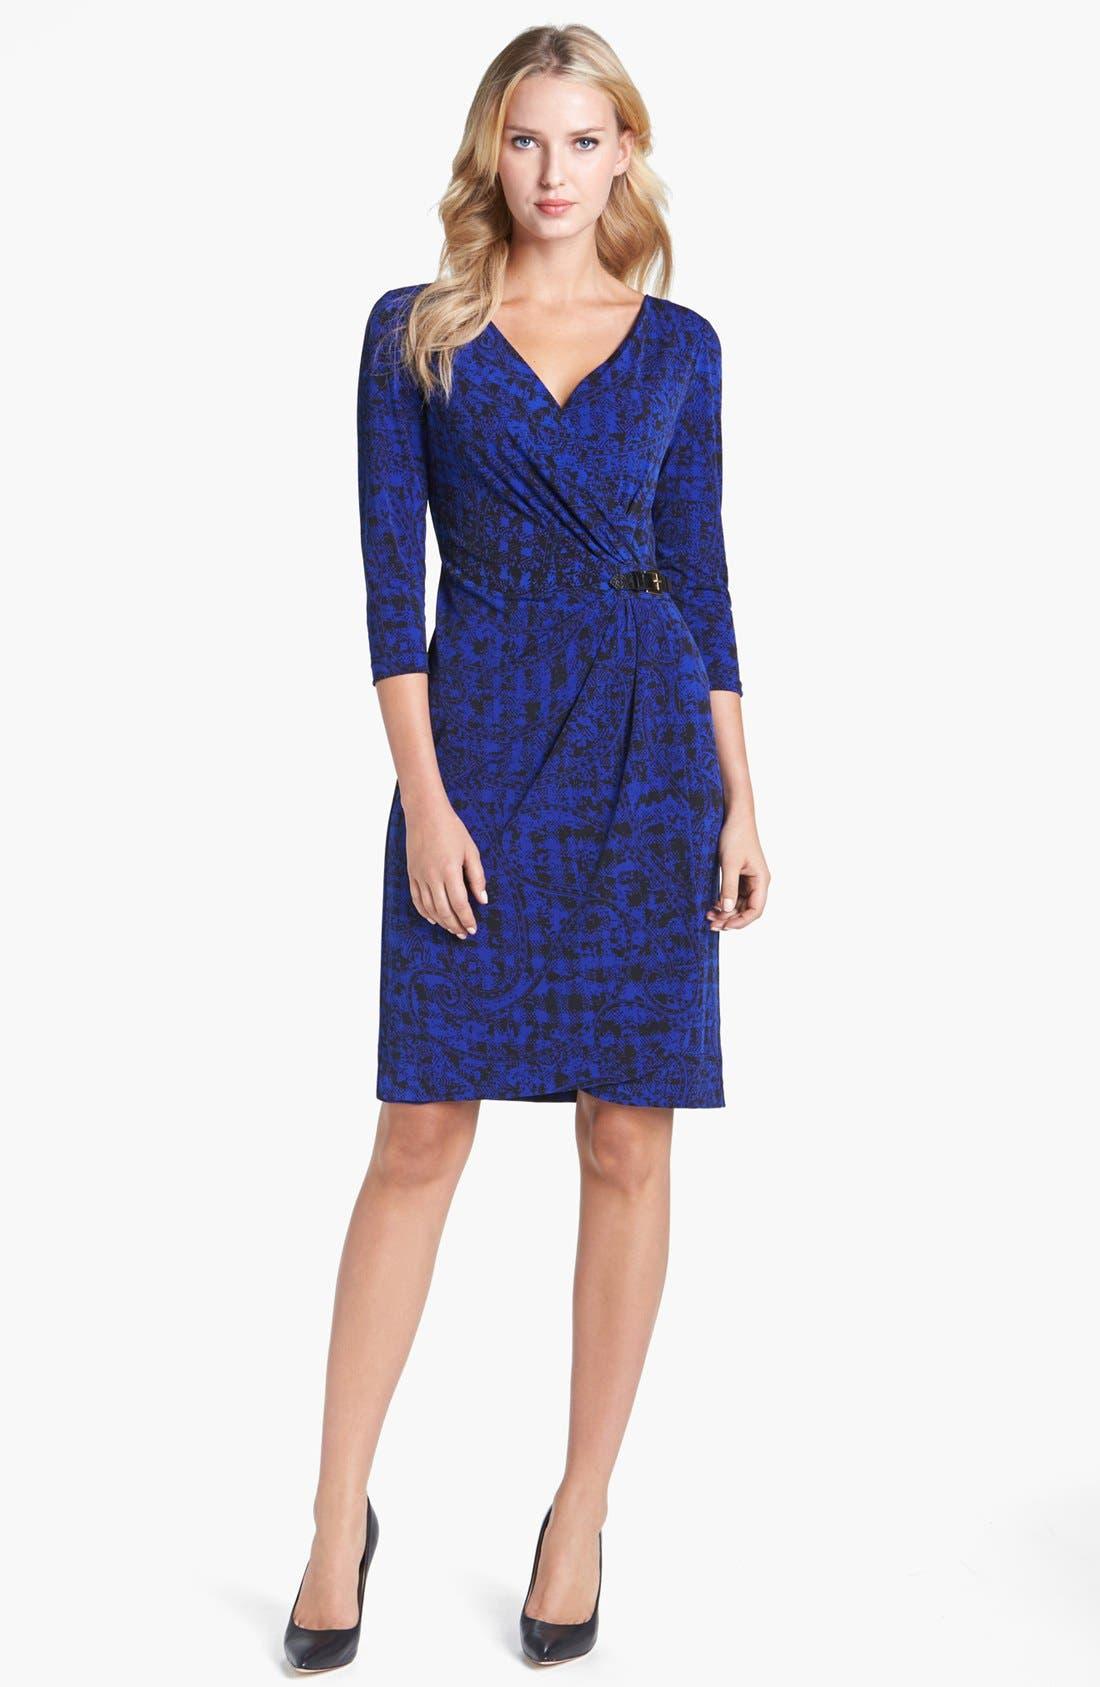 Alternate Image 1 Selected - Tahari Print Jersey Faux Wrap Dress